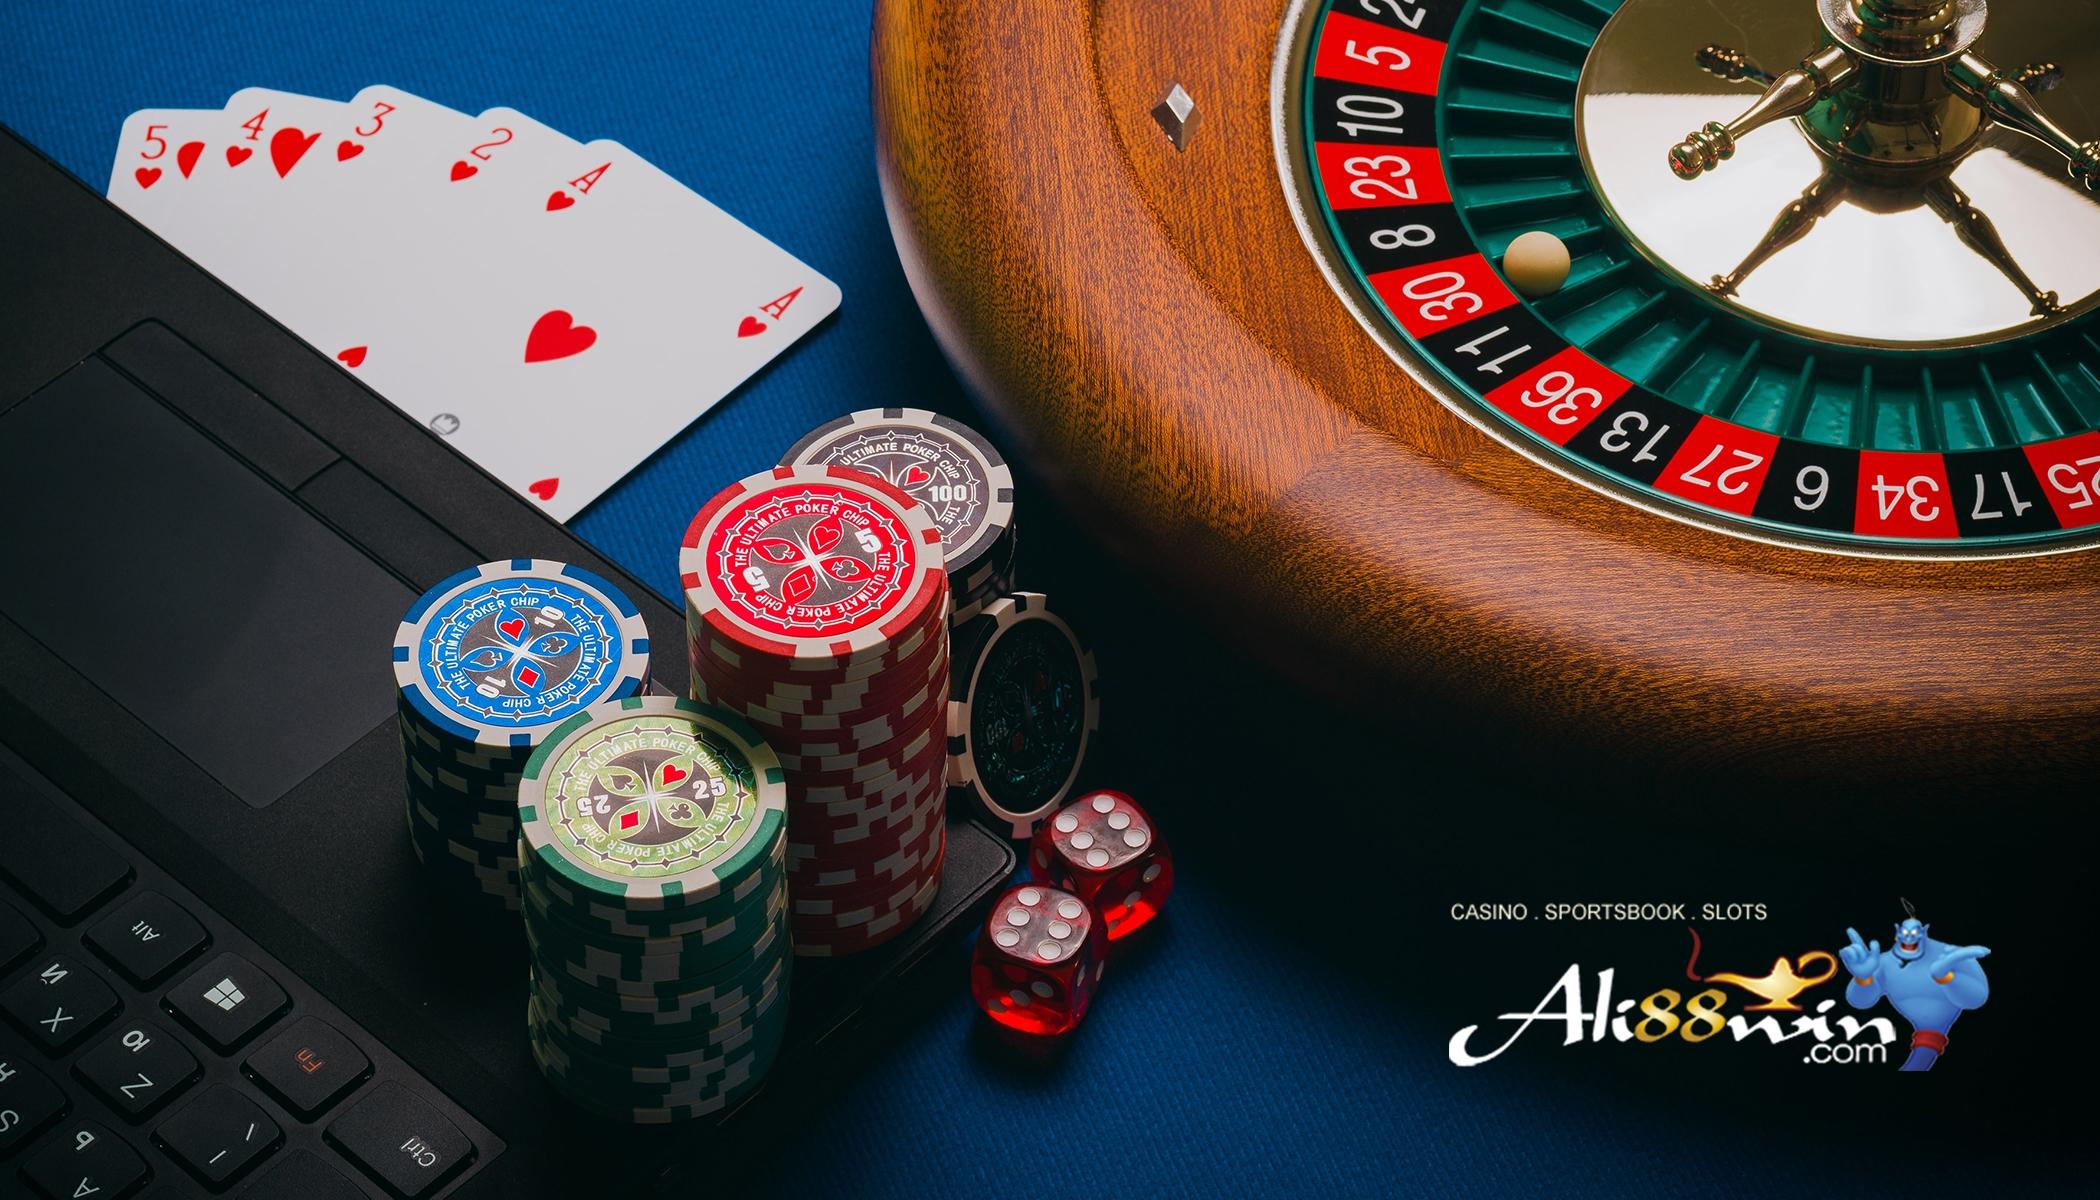 ali88win (@ali88win) Cover Image